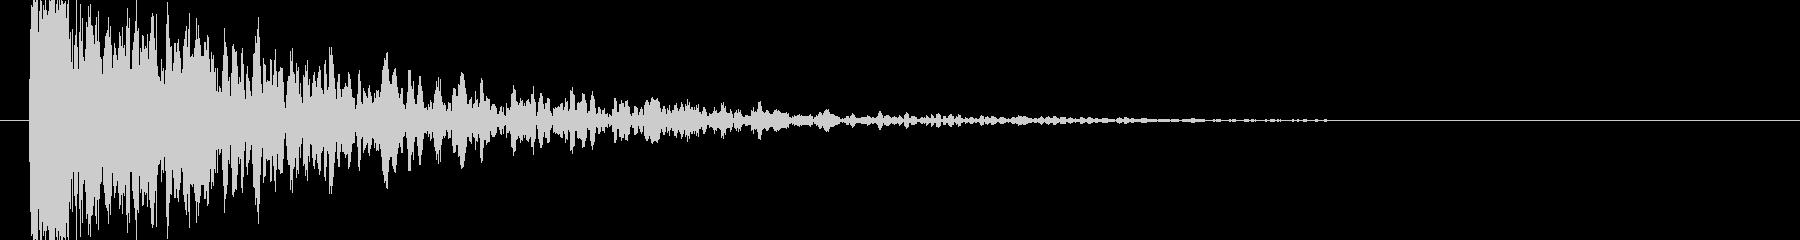 低音の衝突音の未再生の波形